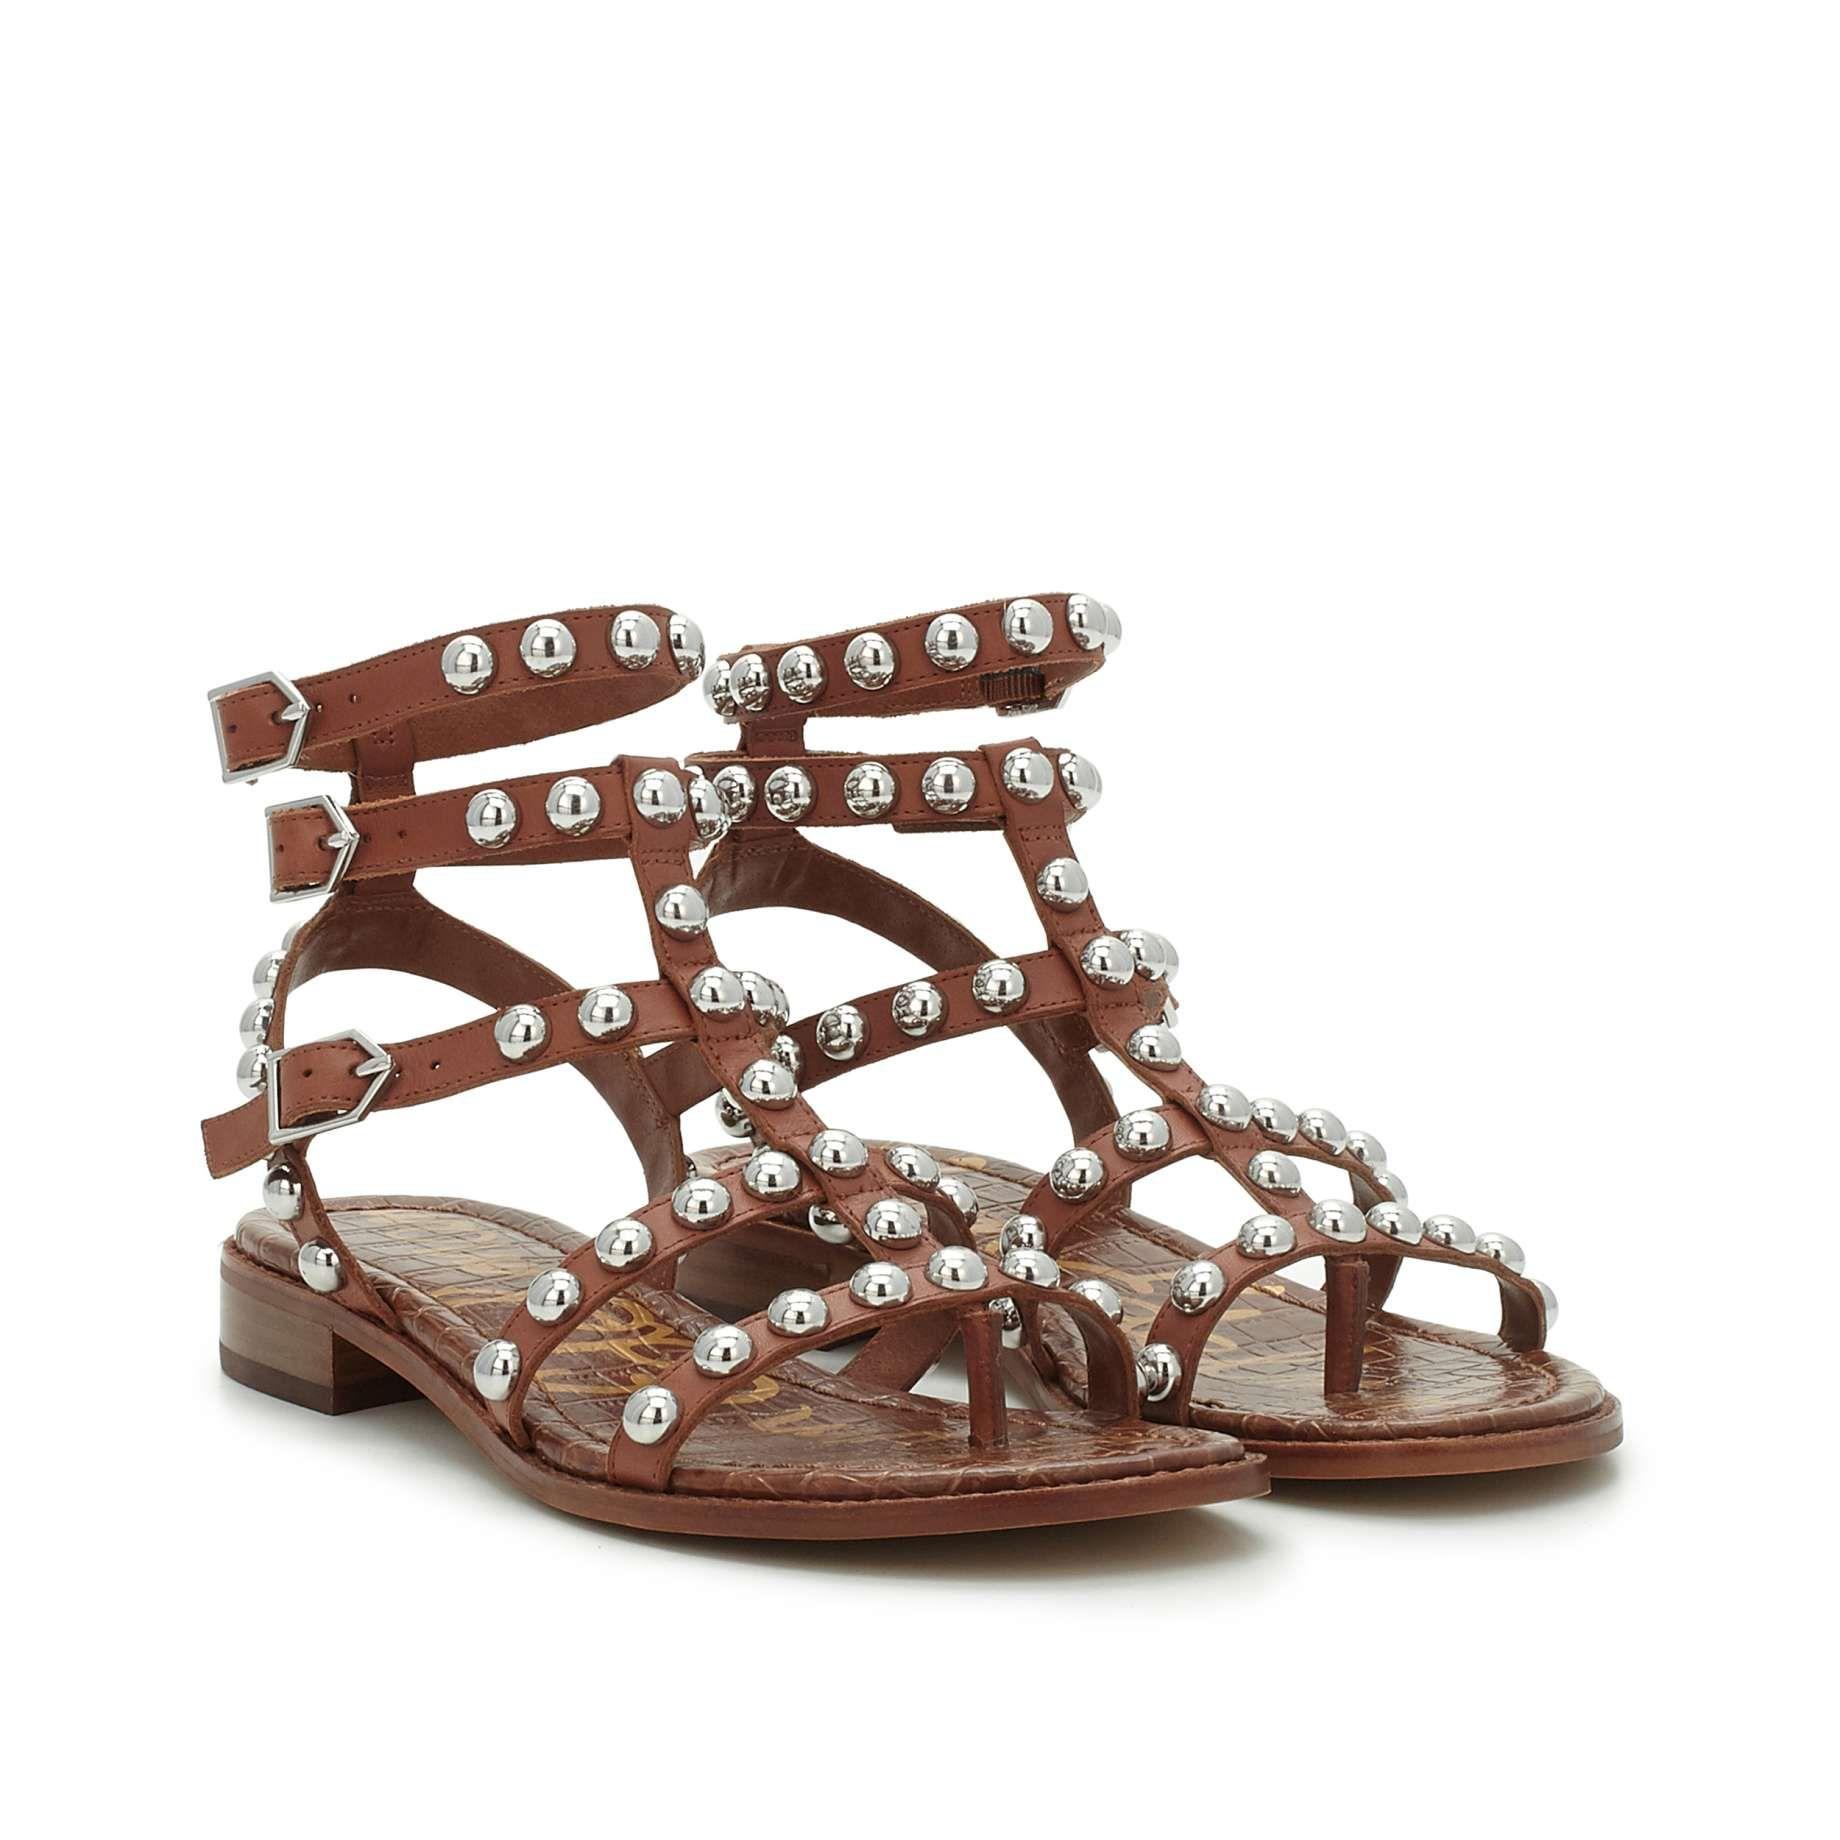 c7429814e066 Eavan Studded Gladiator Sandal - Sandals